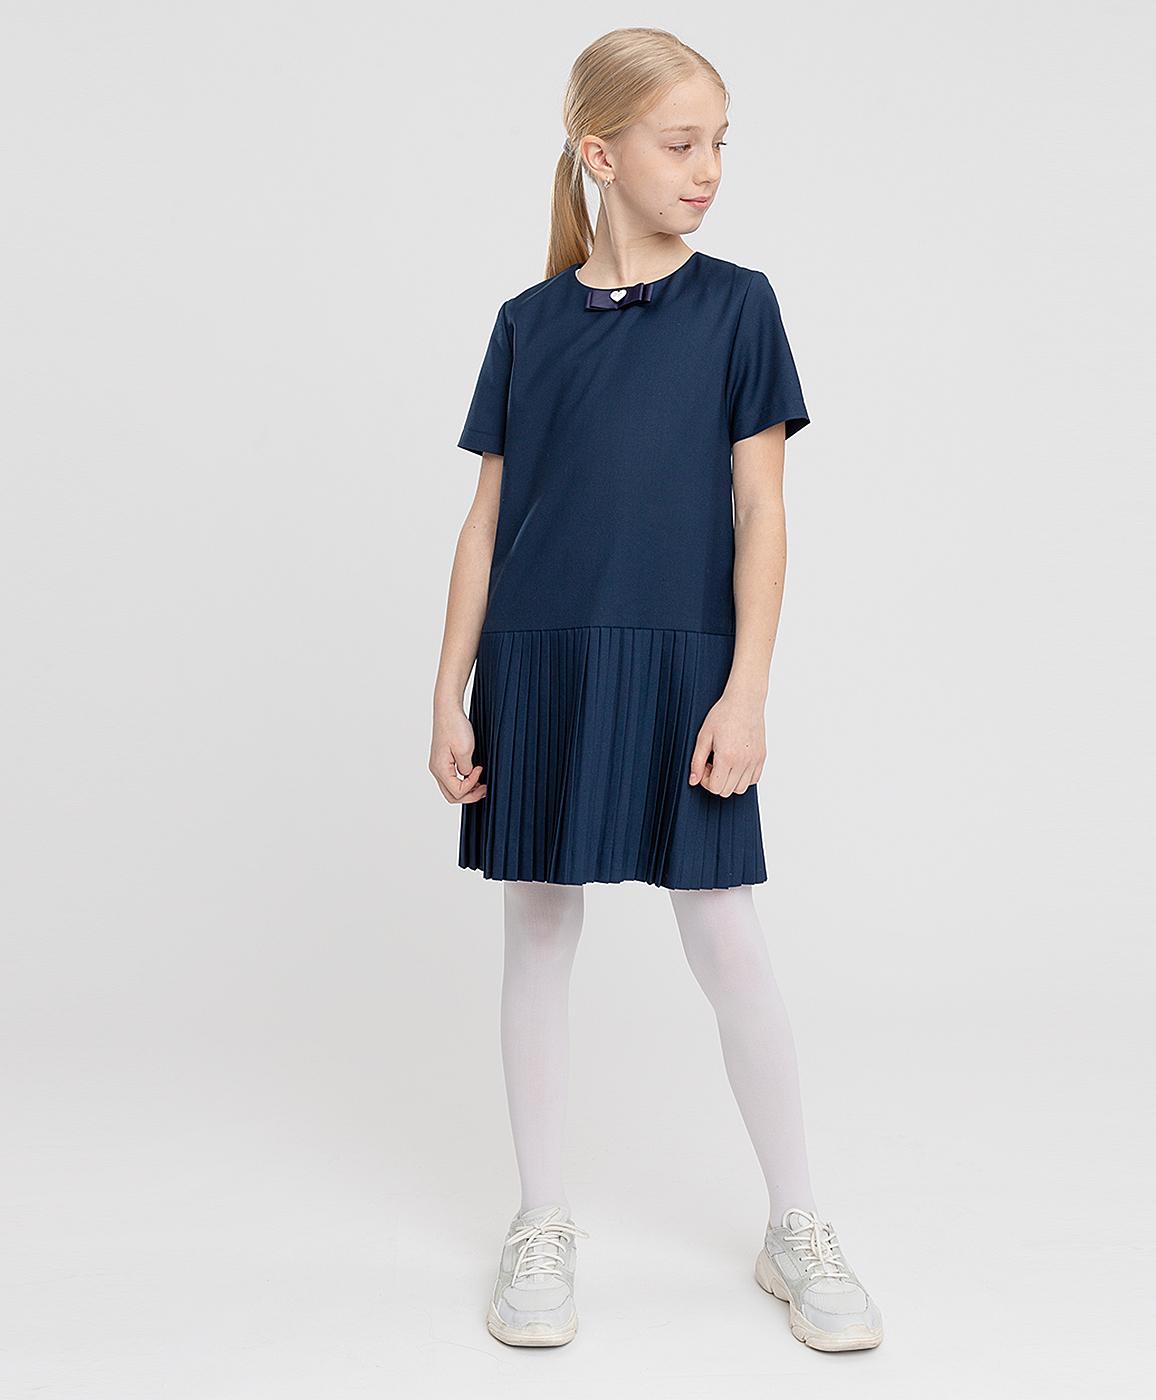 Купить 221BBGS25021000, Платье синее Button Blue, 164, Полиэстер, Женский, ШКОЛЬНАЯ ФОРМА 2021-2022 (shop: GulliverMarket Gulliver Market)